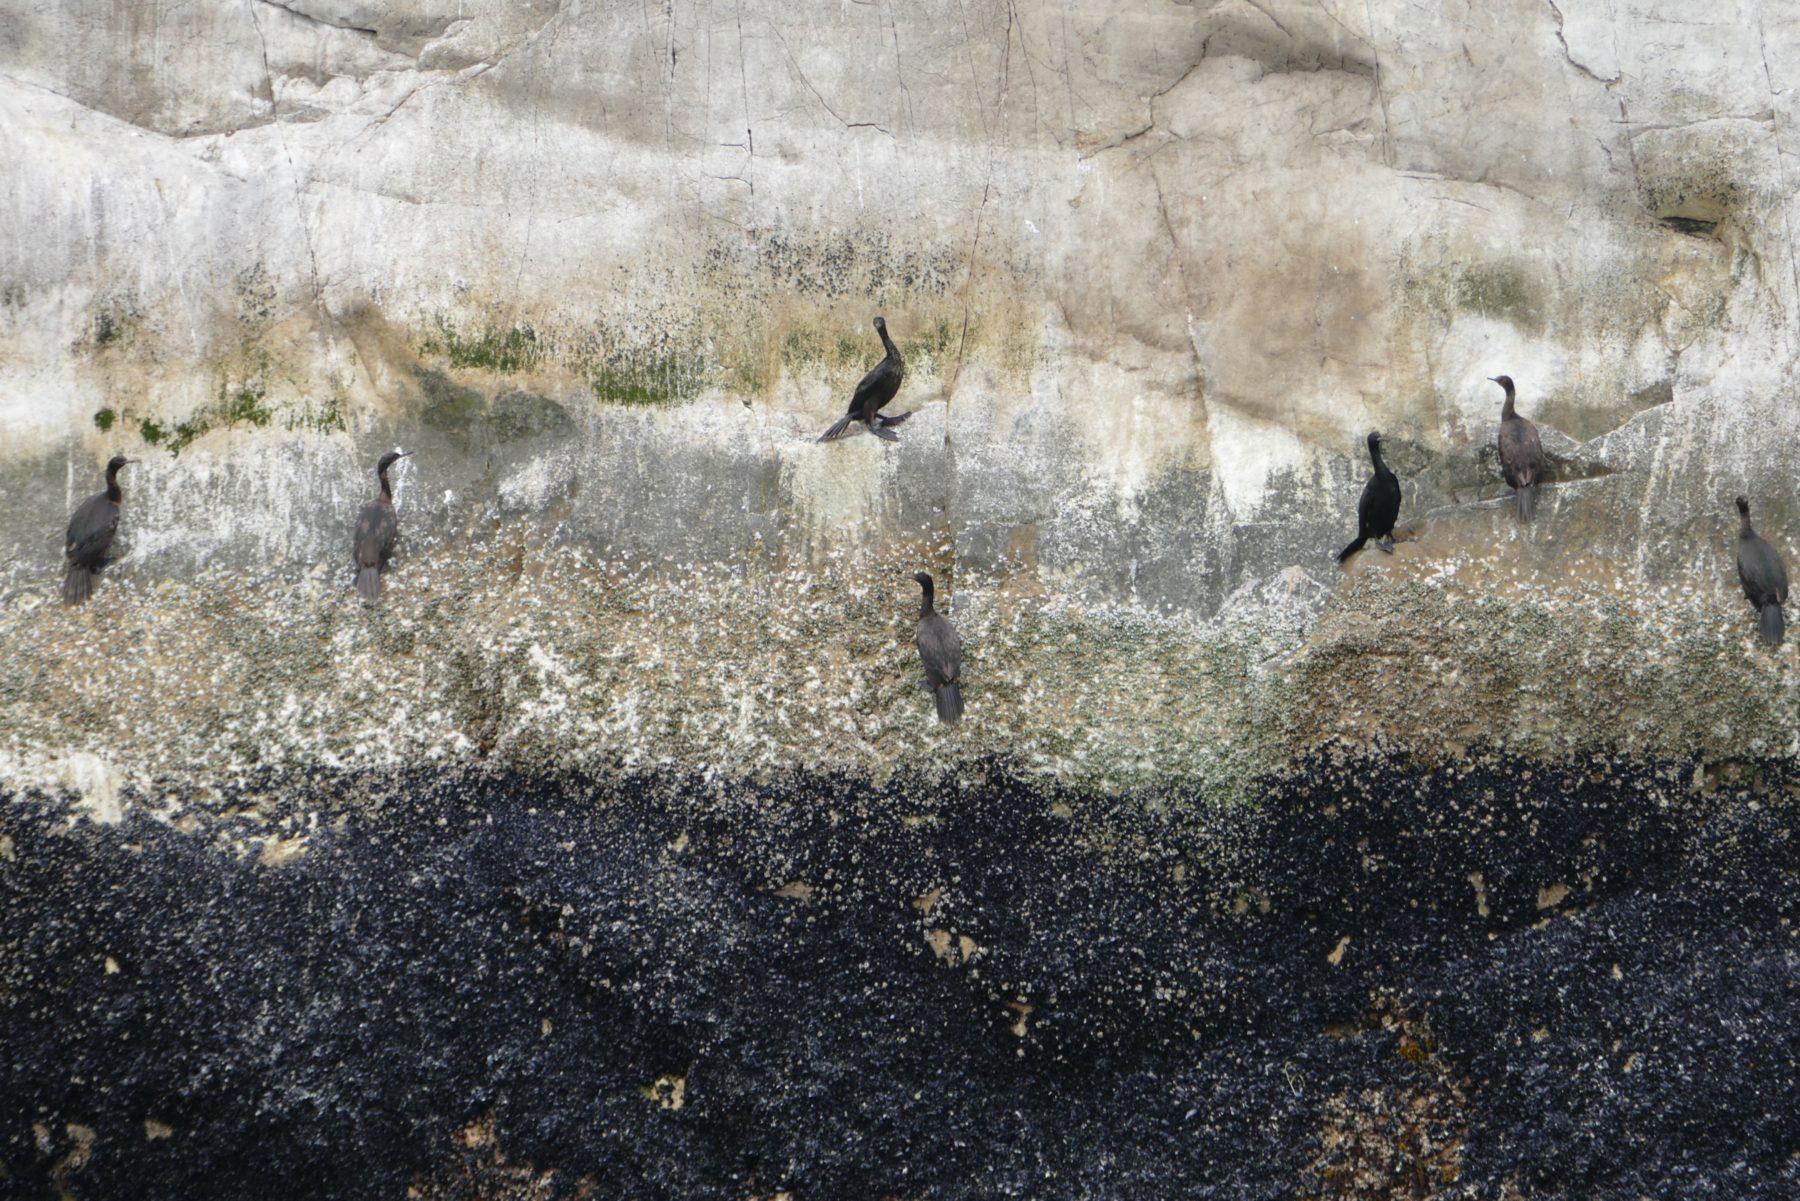 Pelagic (I think) cormorants, Glacier Bay. All photos copyright Doug Spencer